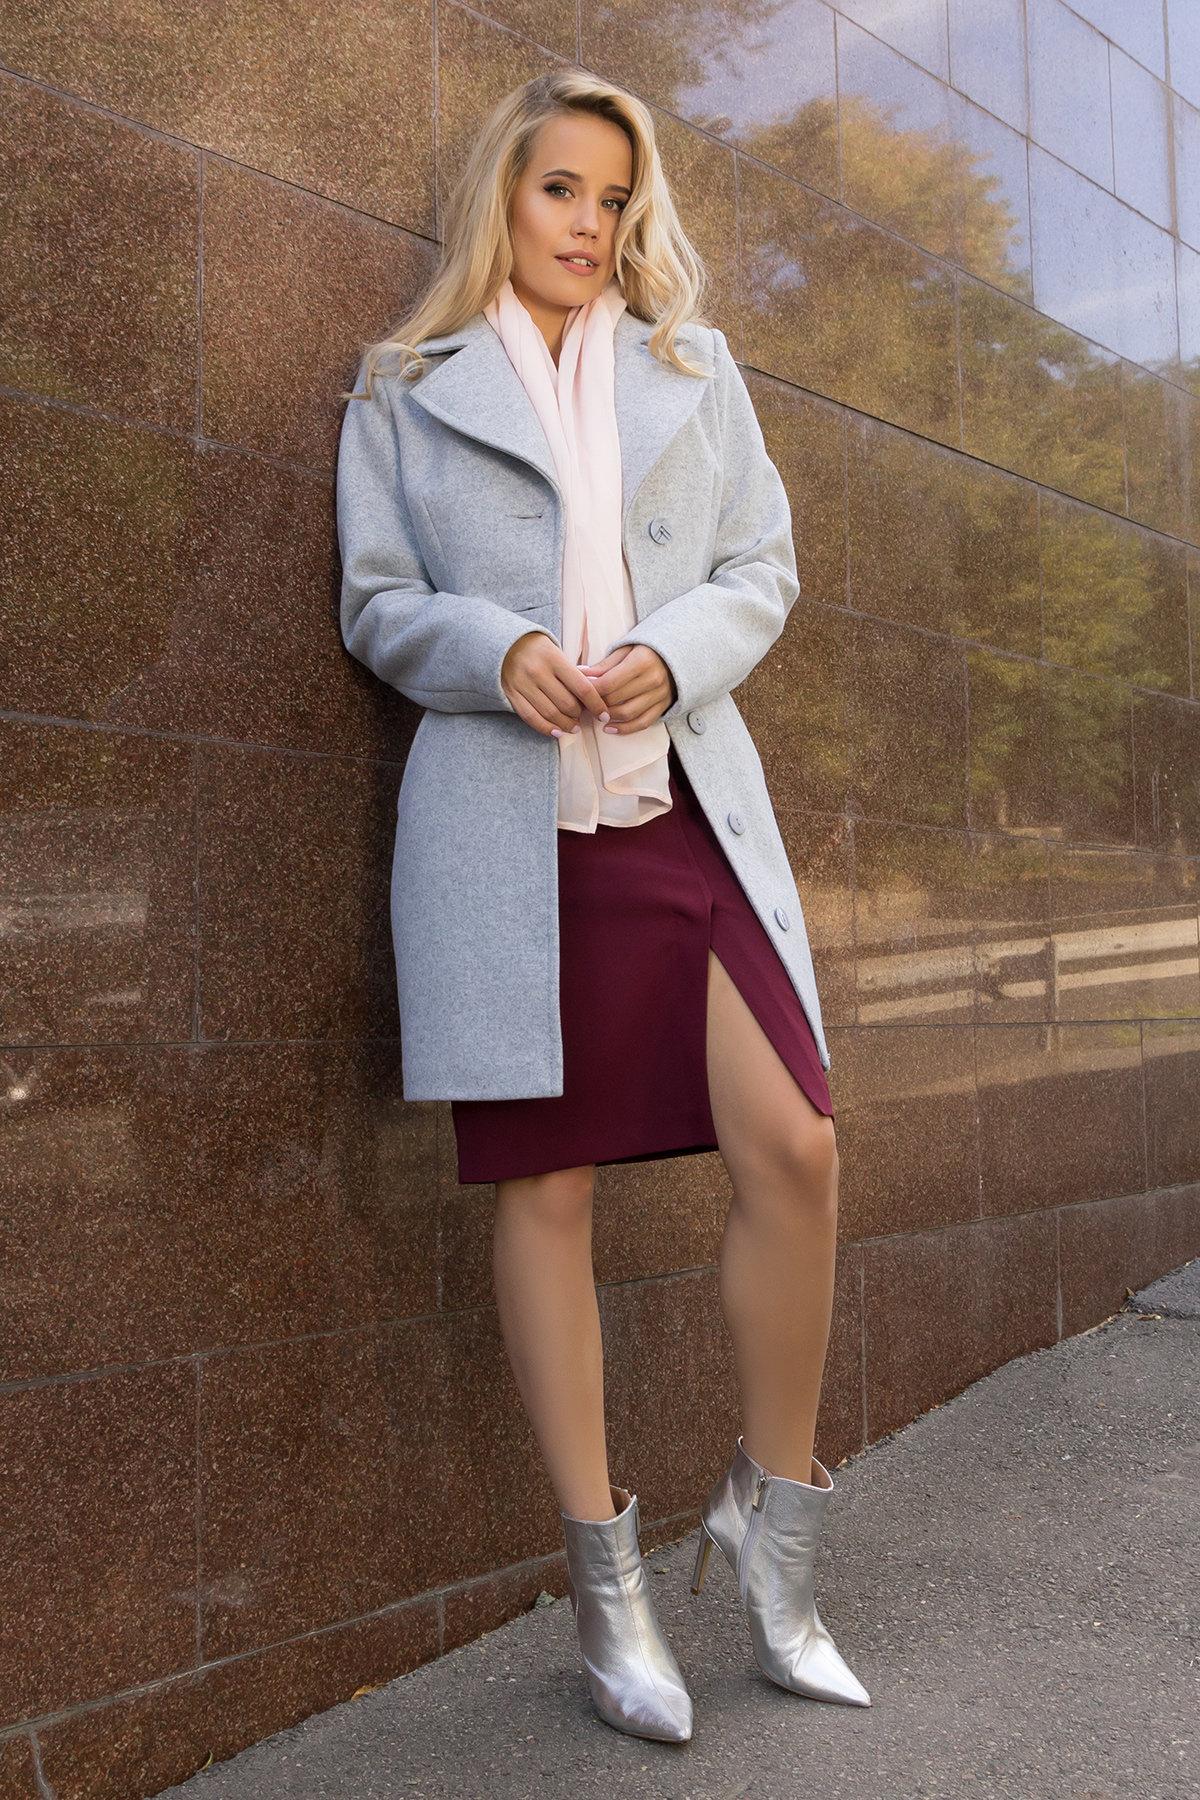 Демисезонное пальто с поясом Камила 7964 АРТ. 43920 Цвет: Серый Светлый 33 - фото 1, интернет магазин tm-modus.ru